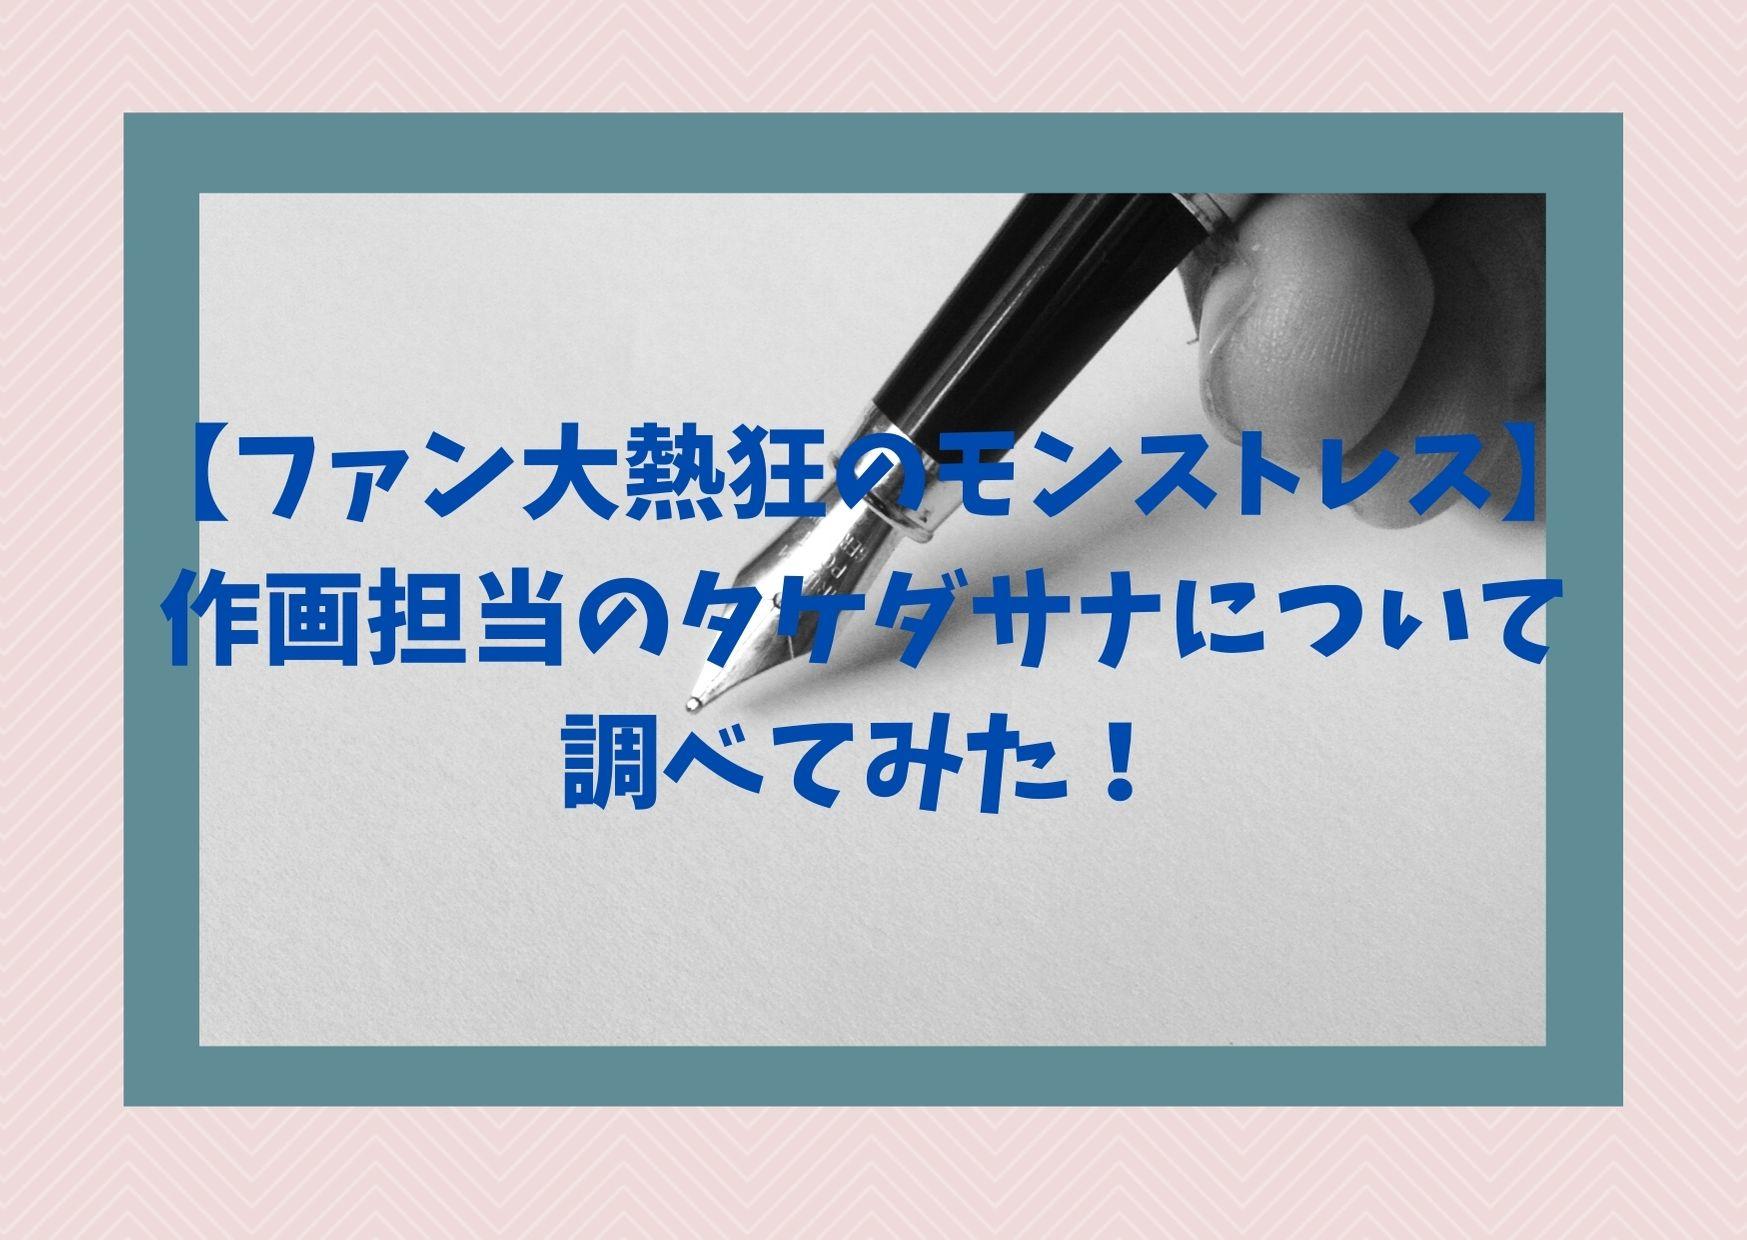 【ファン大熱狂のモンストレス】作画担当のタケダサナについて調べてみた!